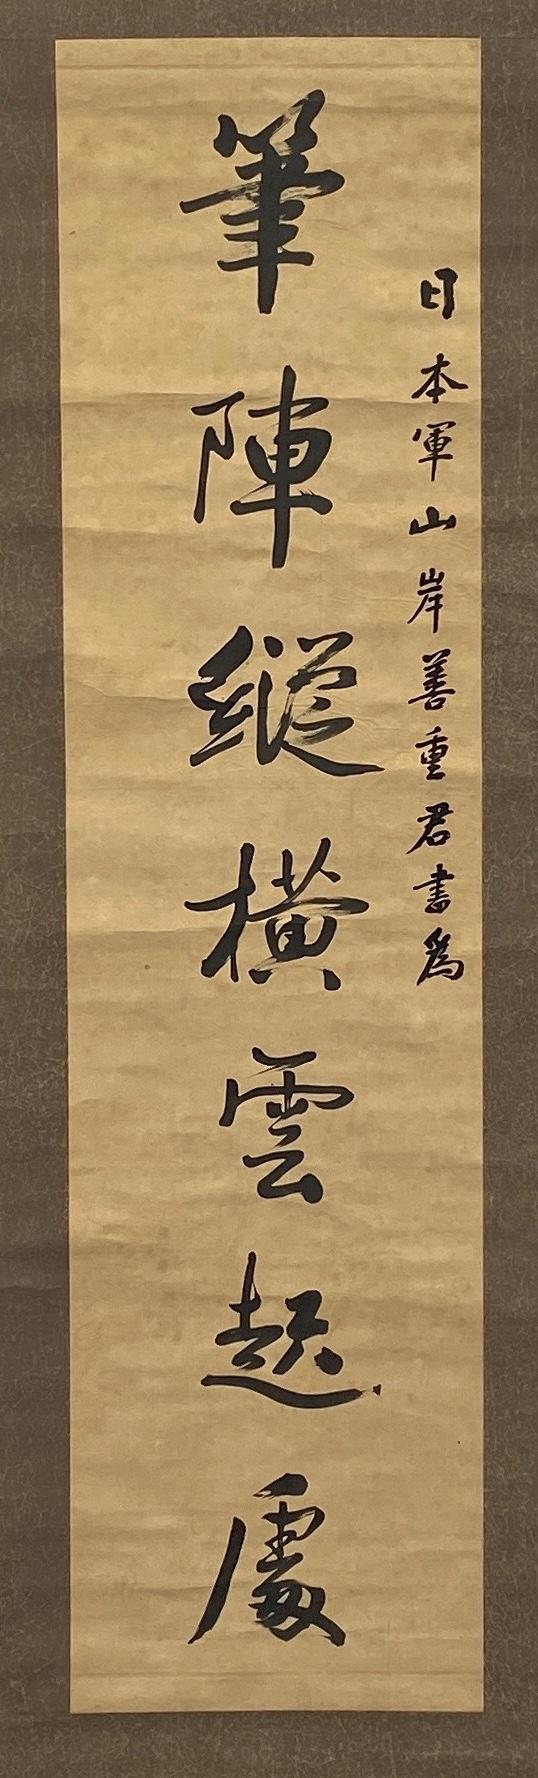 10305「楊堂洲」行書 七言 聯 一対117×29cm